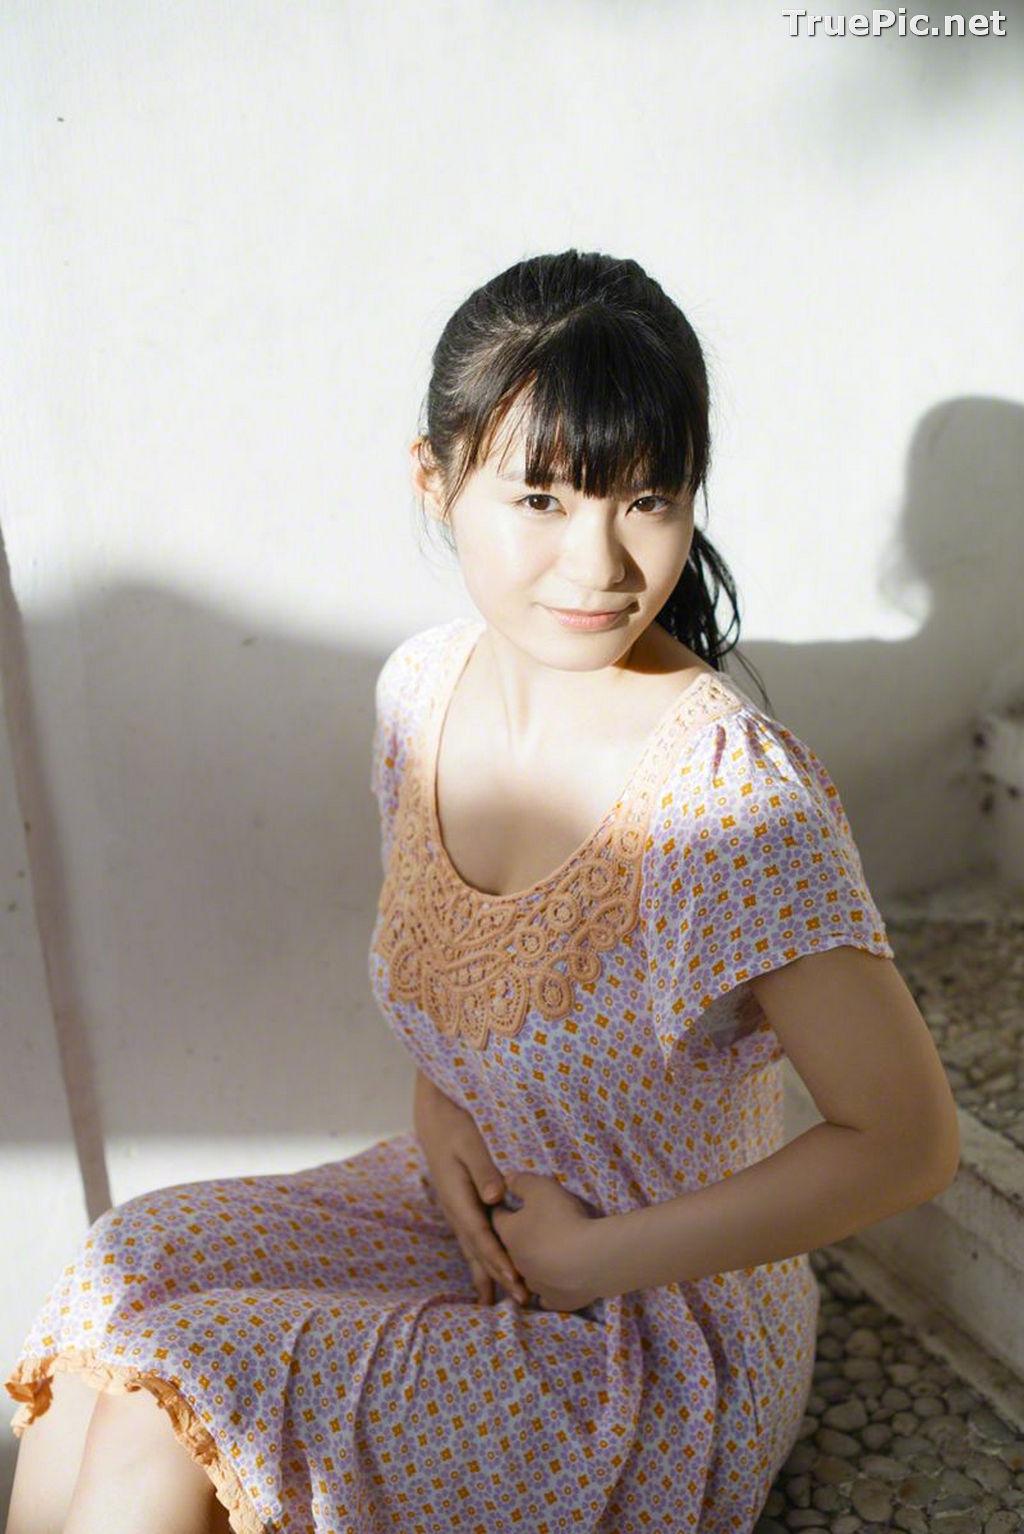 Image Wanibooks NO.121 - Japanese Gravure Idol - Mizuki Hoshina - TruePic.net - Picture-7